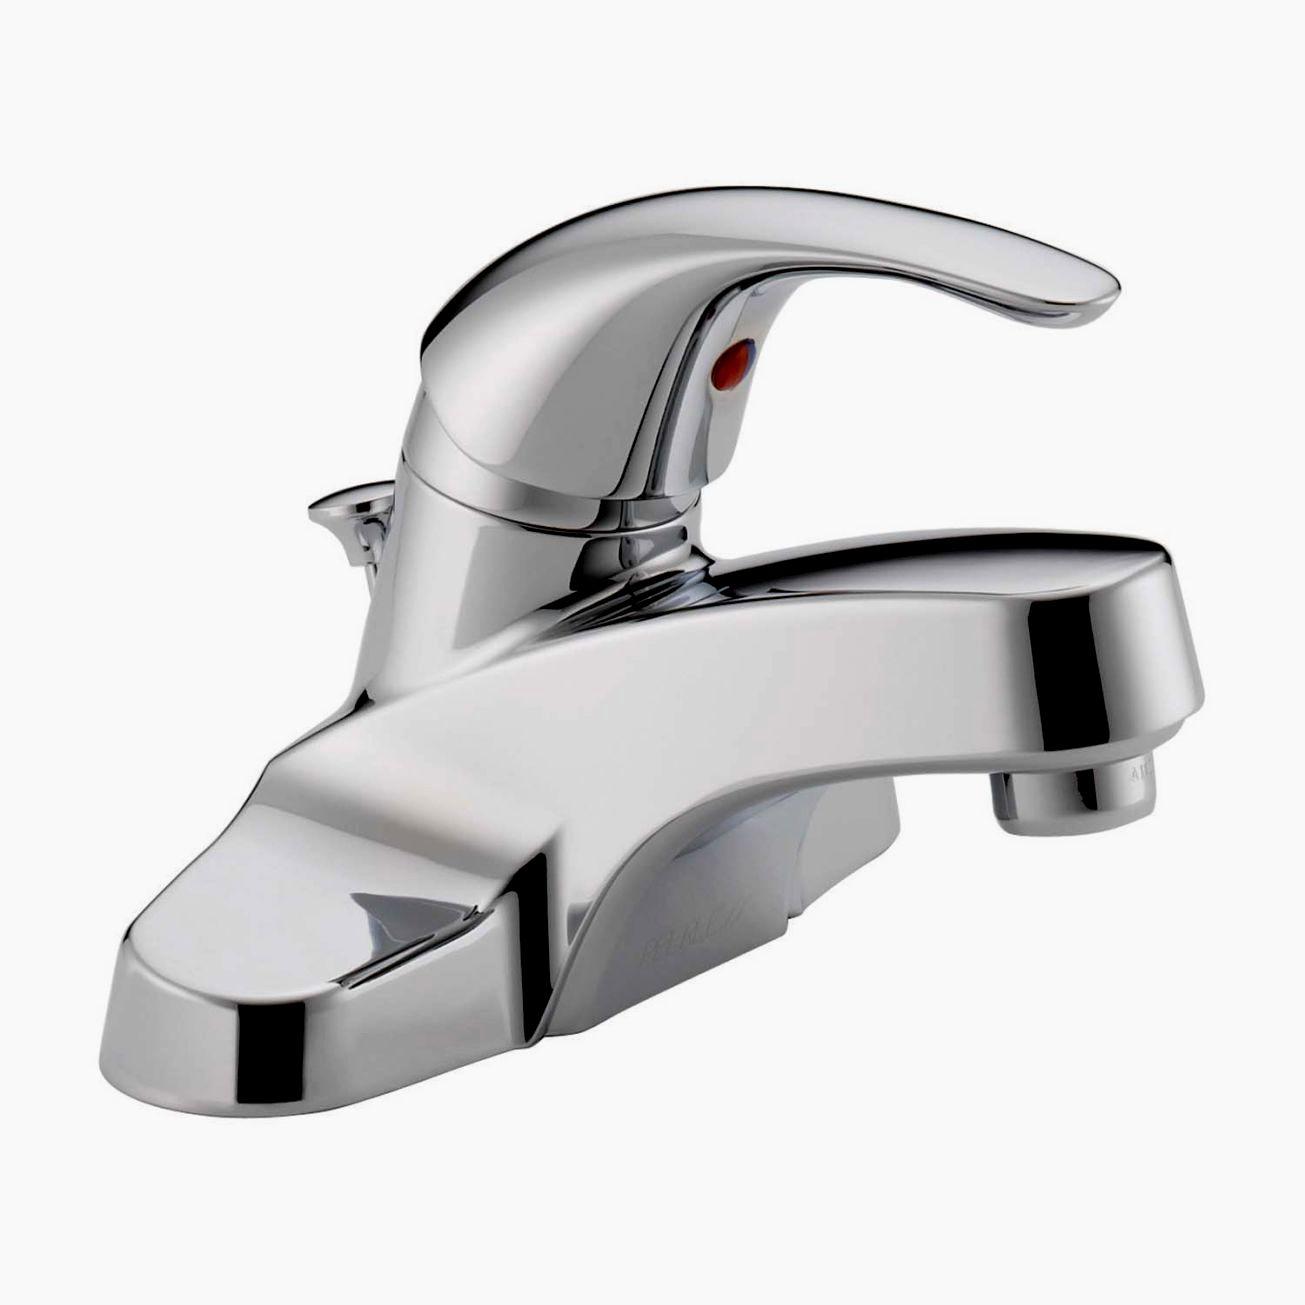 top kohler bathroom faucets décor-Elegant Kohler Bathroom Faucets Photograph